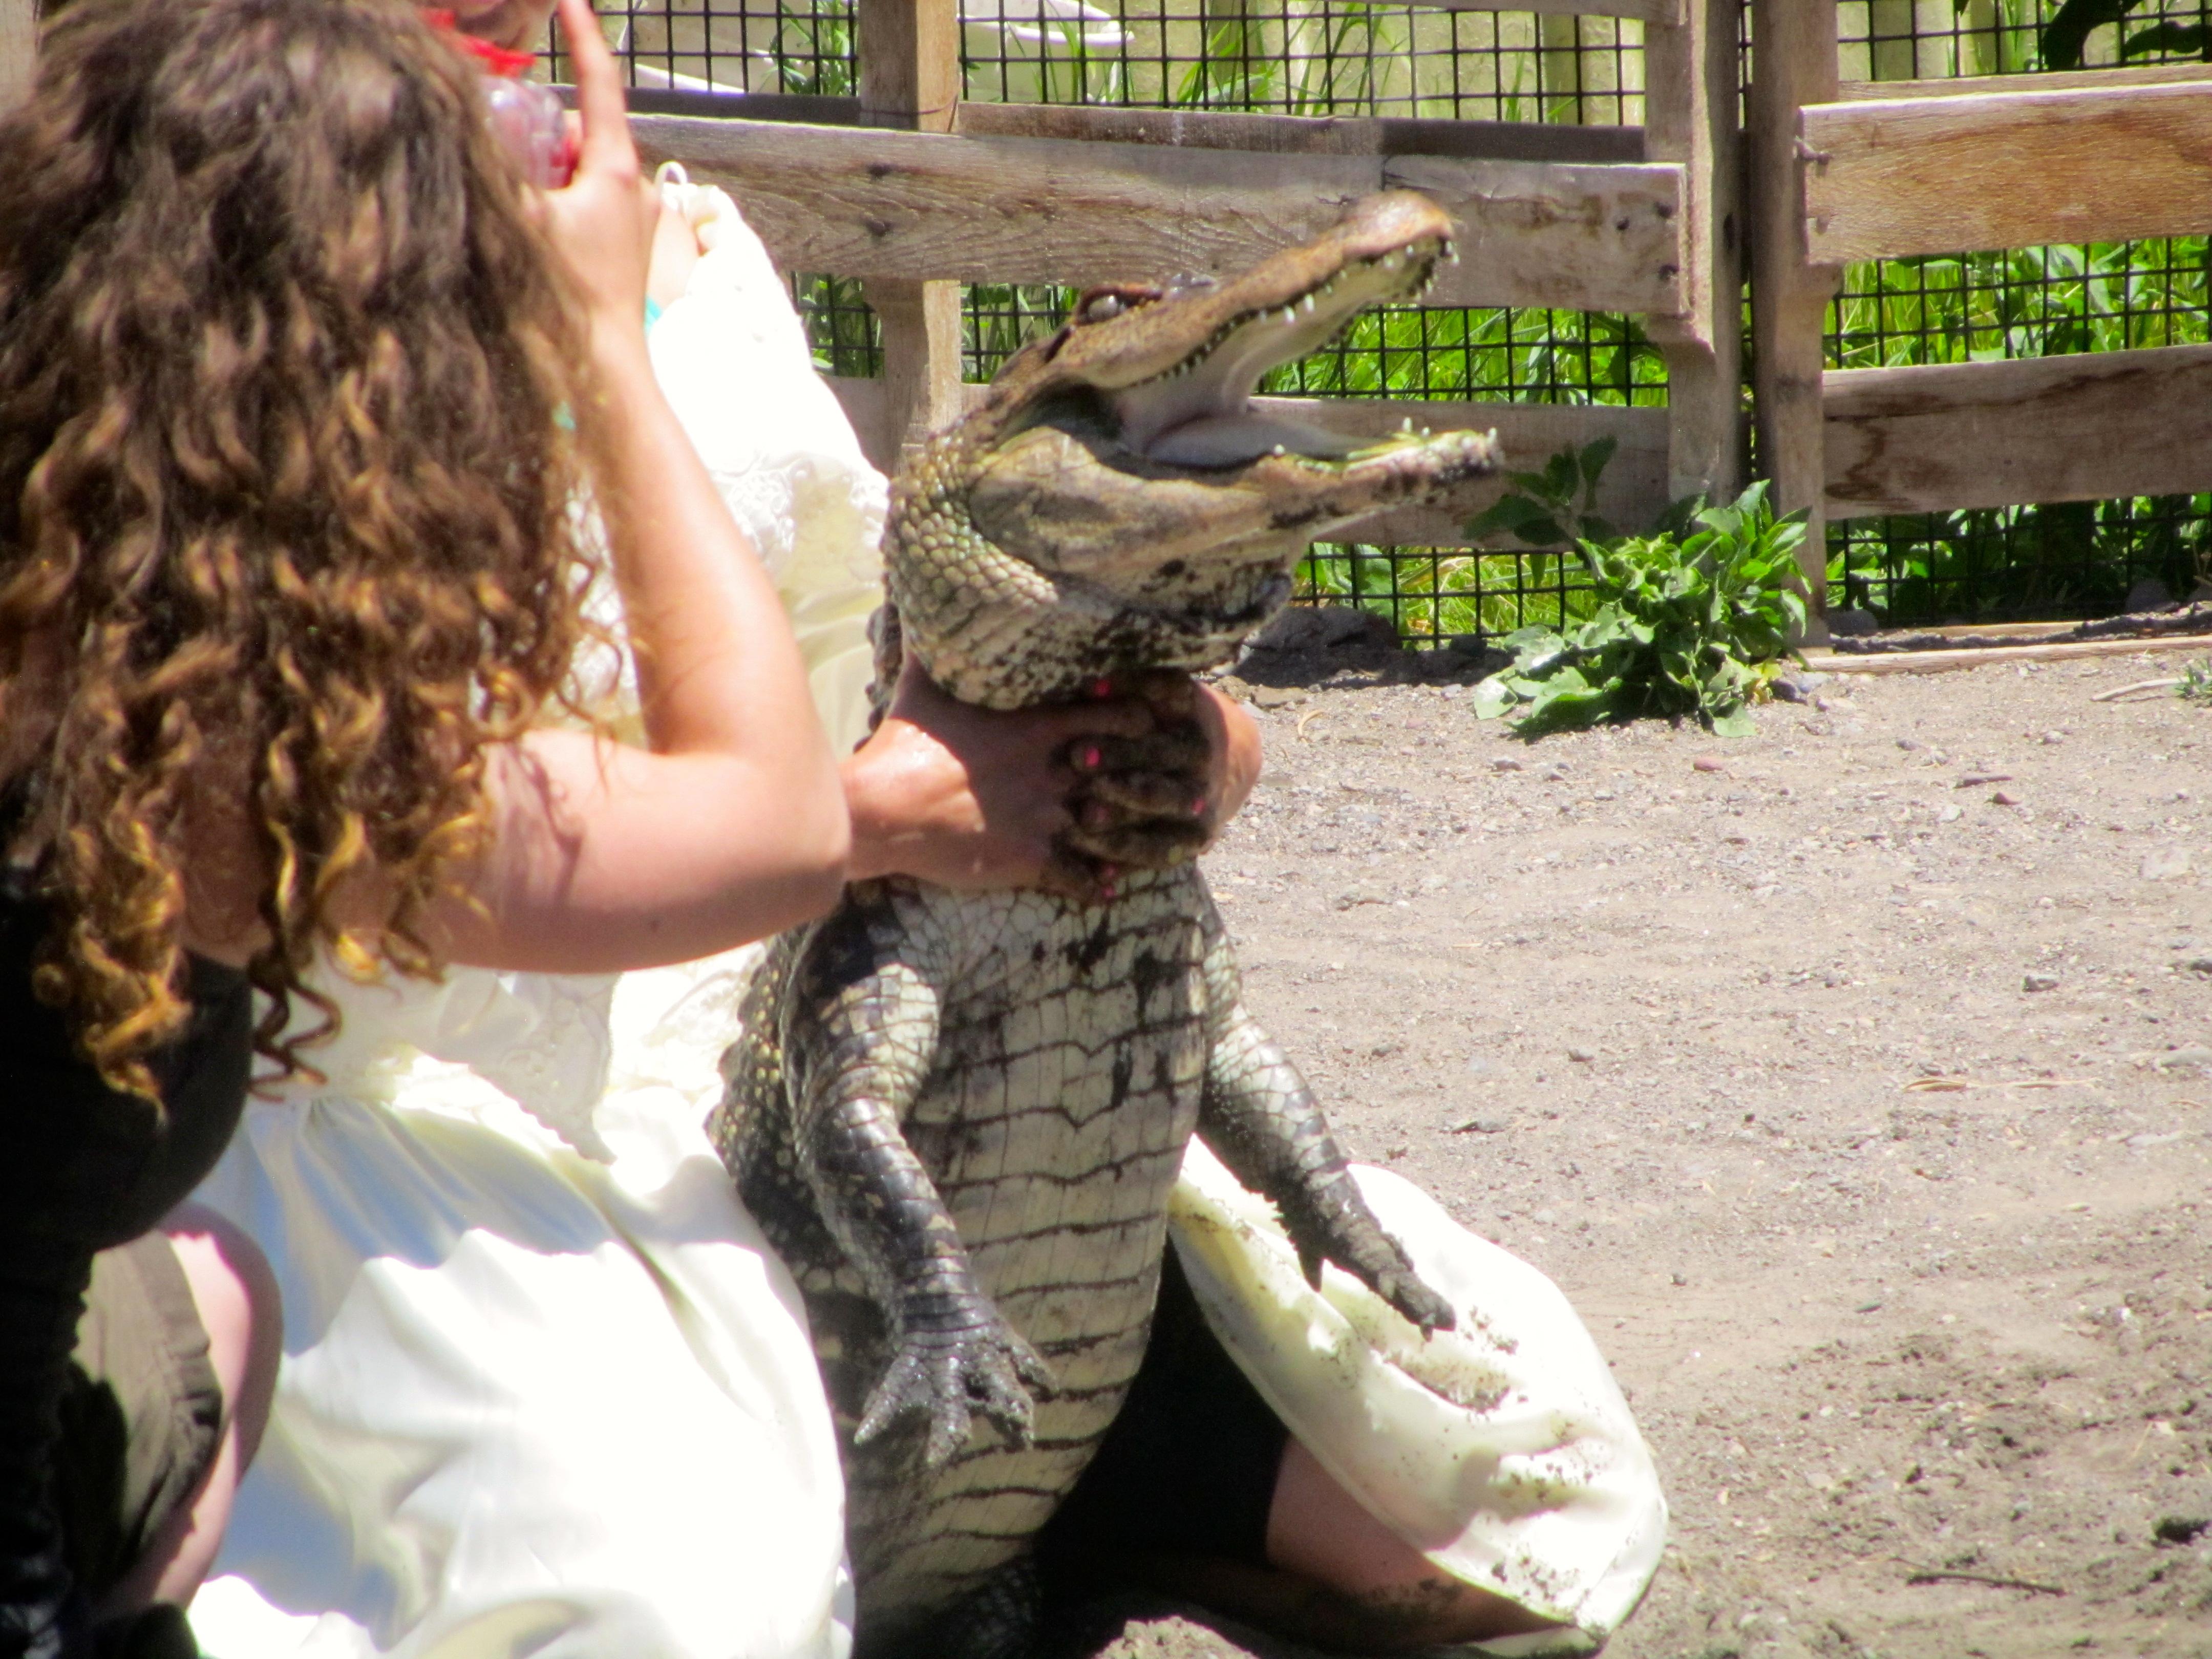 Happy Gilmore alligator – Colorado Traveling Ducks